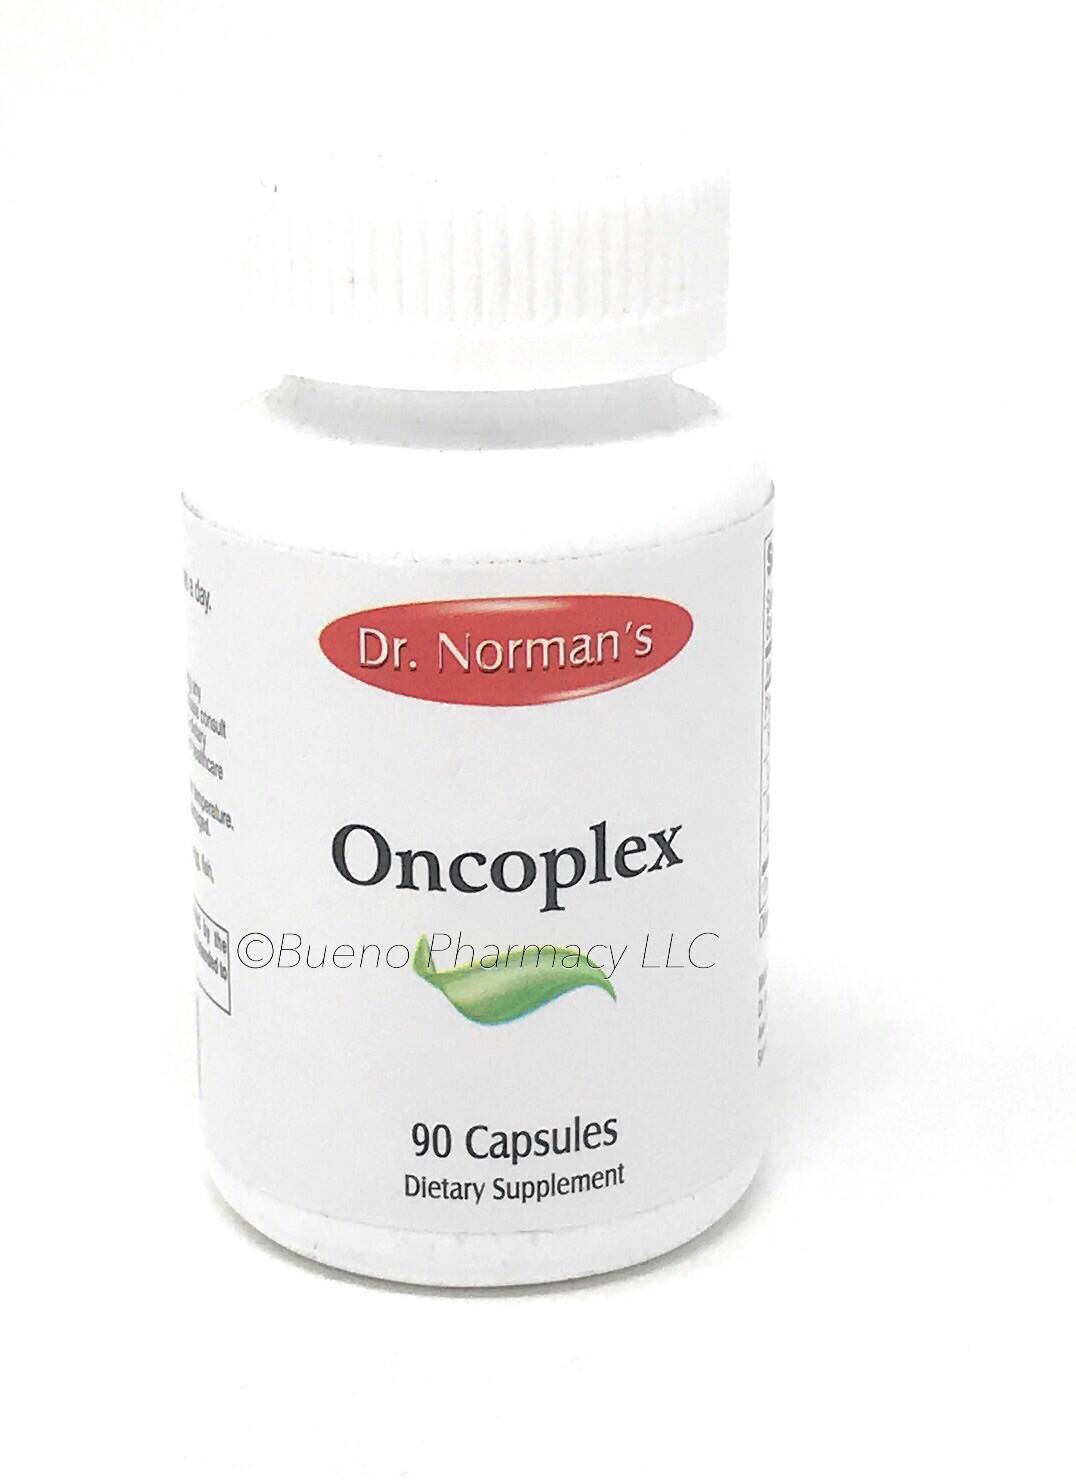 Dr. Norman's Onco-plex